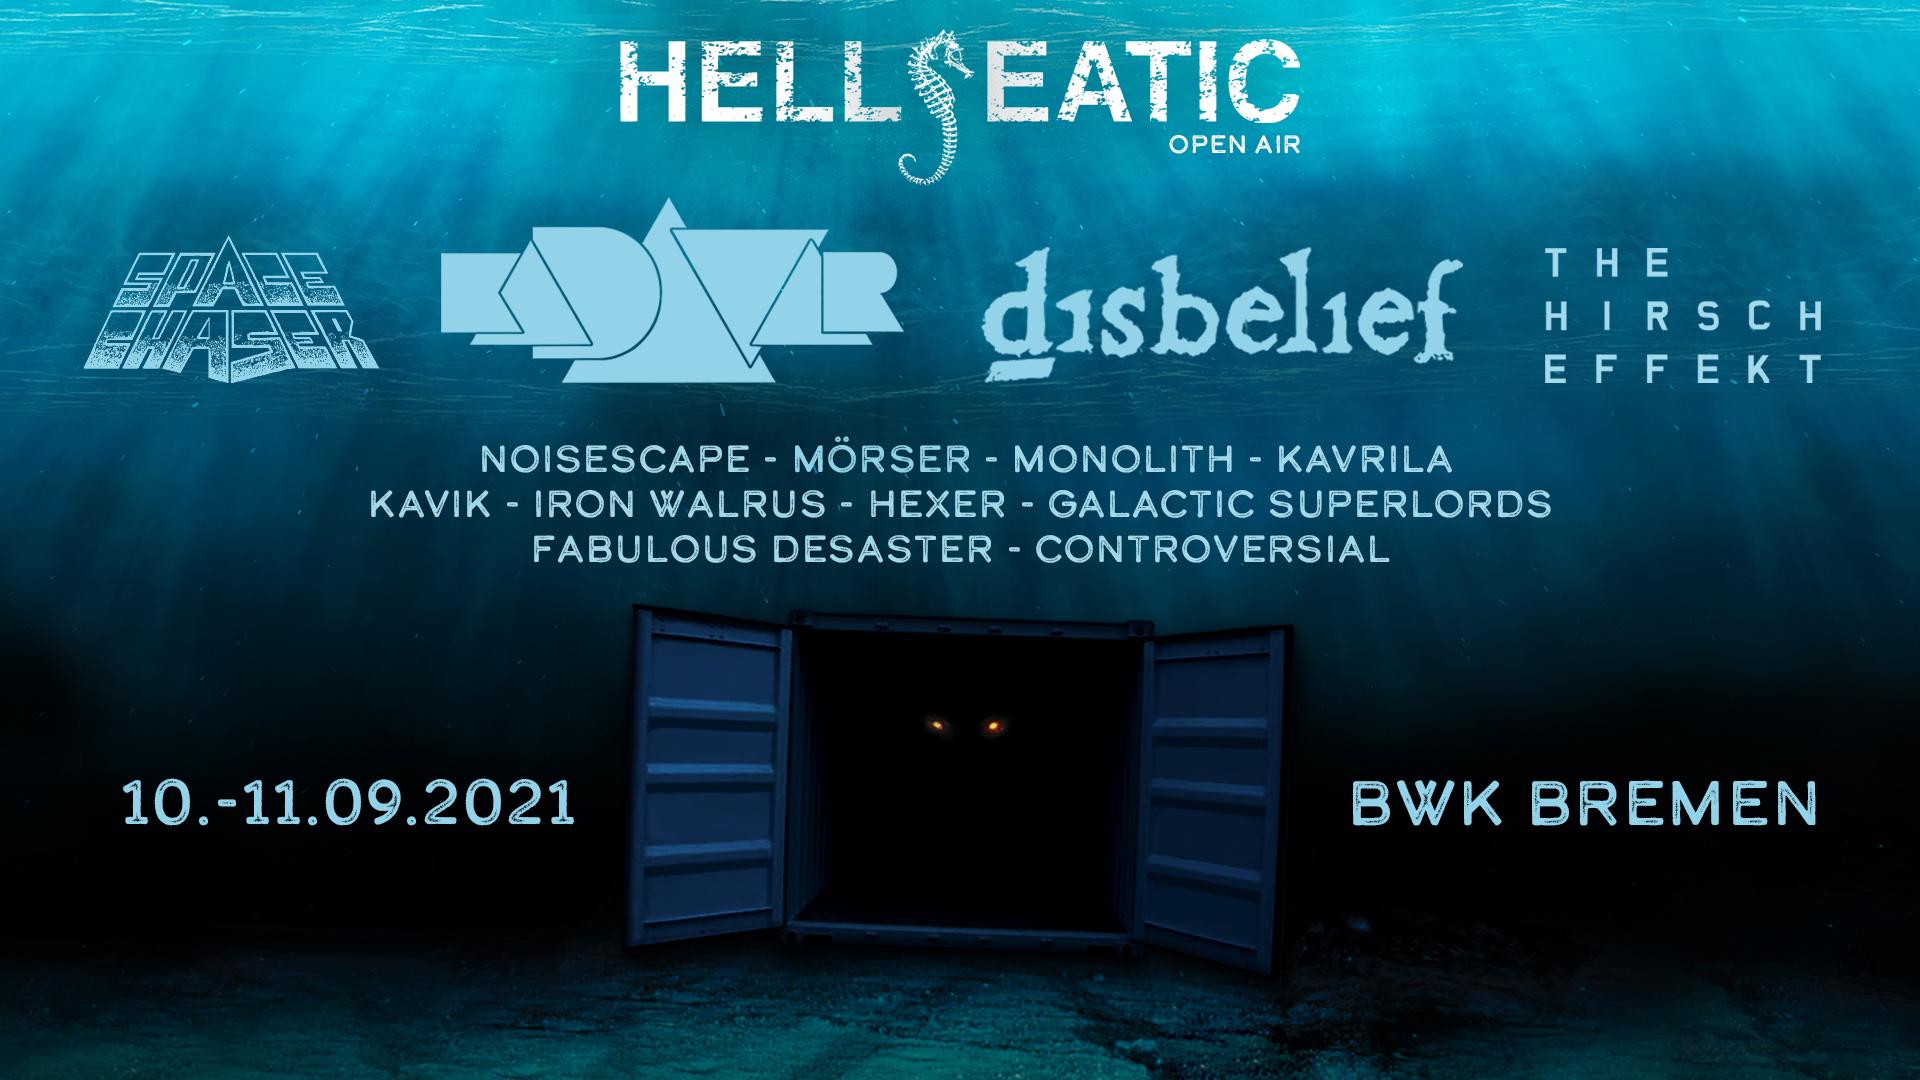 Hellseatic Open Air